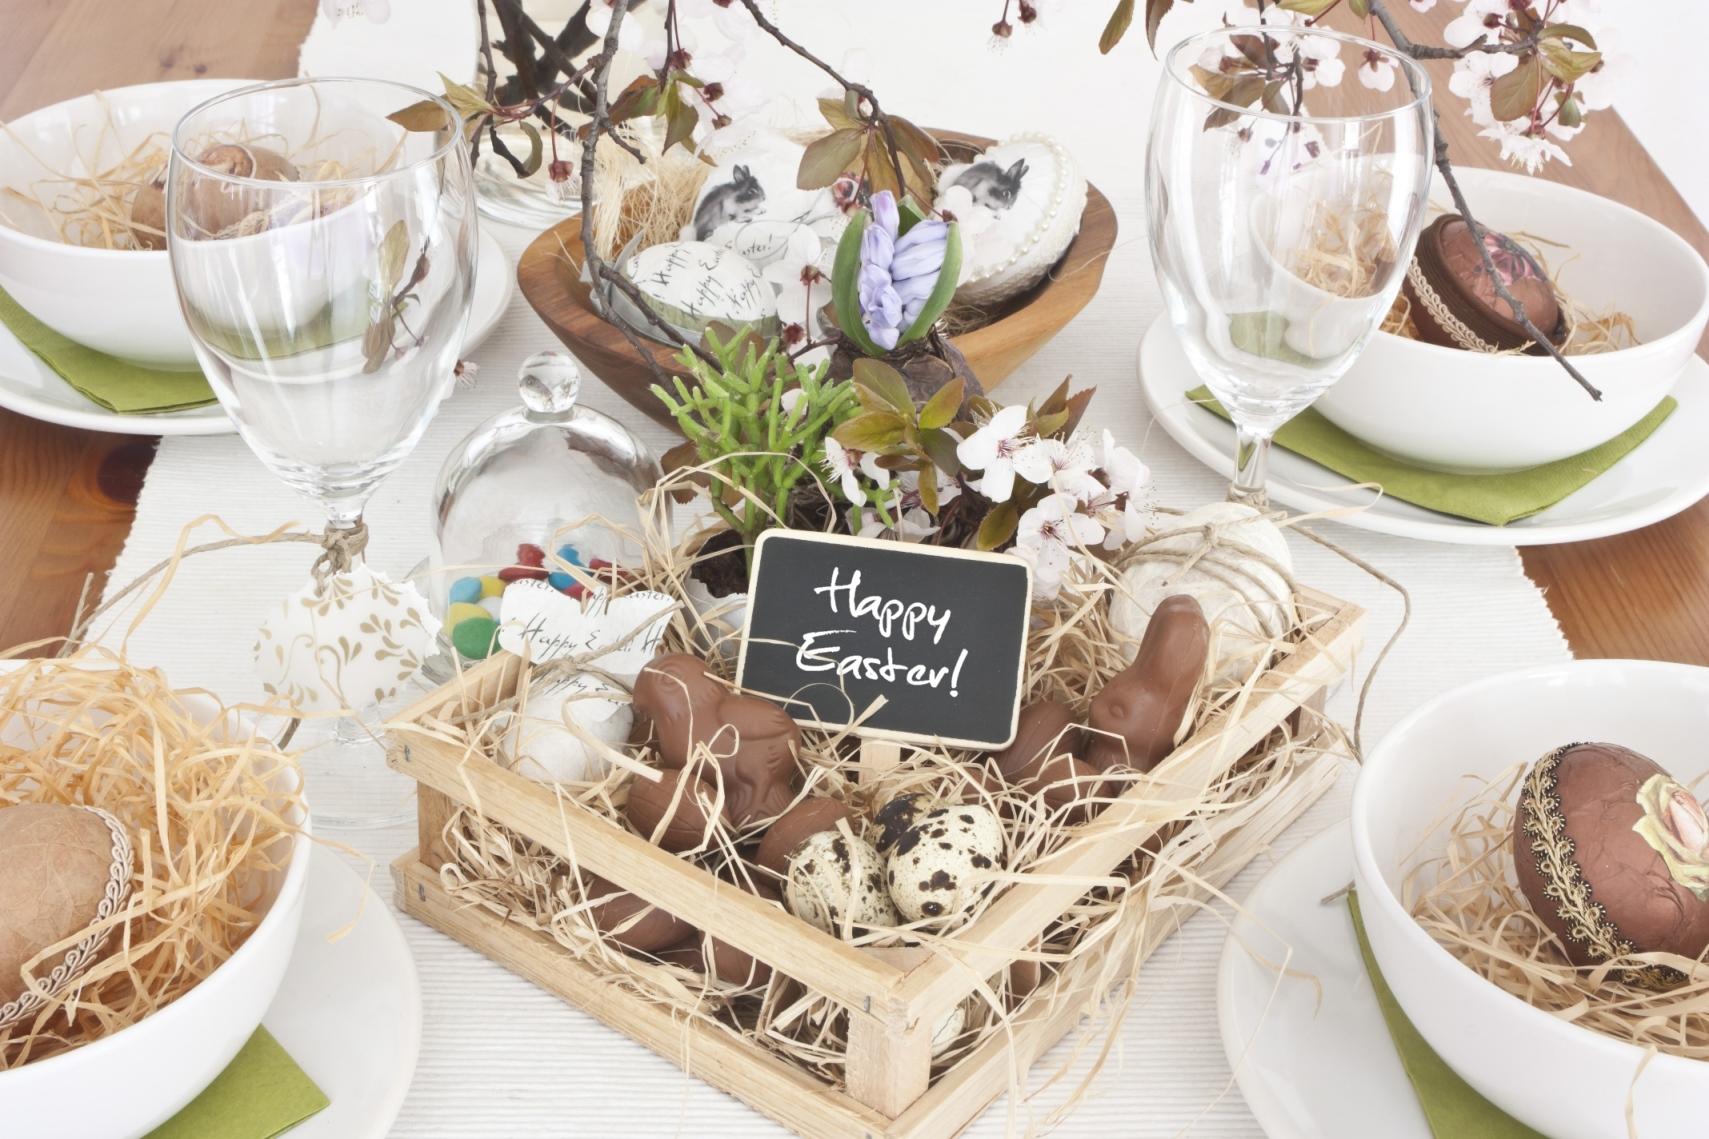 Decorazioni Pasquali Da Tavola : Decorazioni pasquali per la tavola diredonna